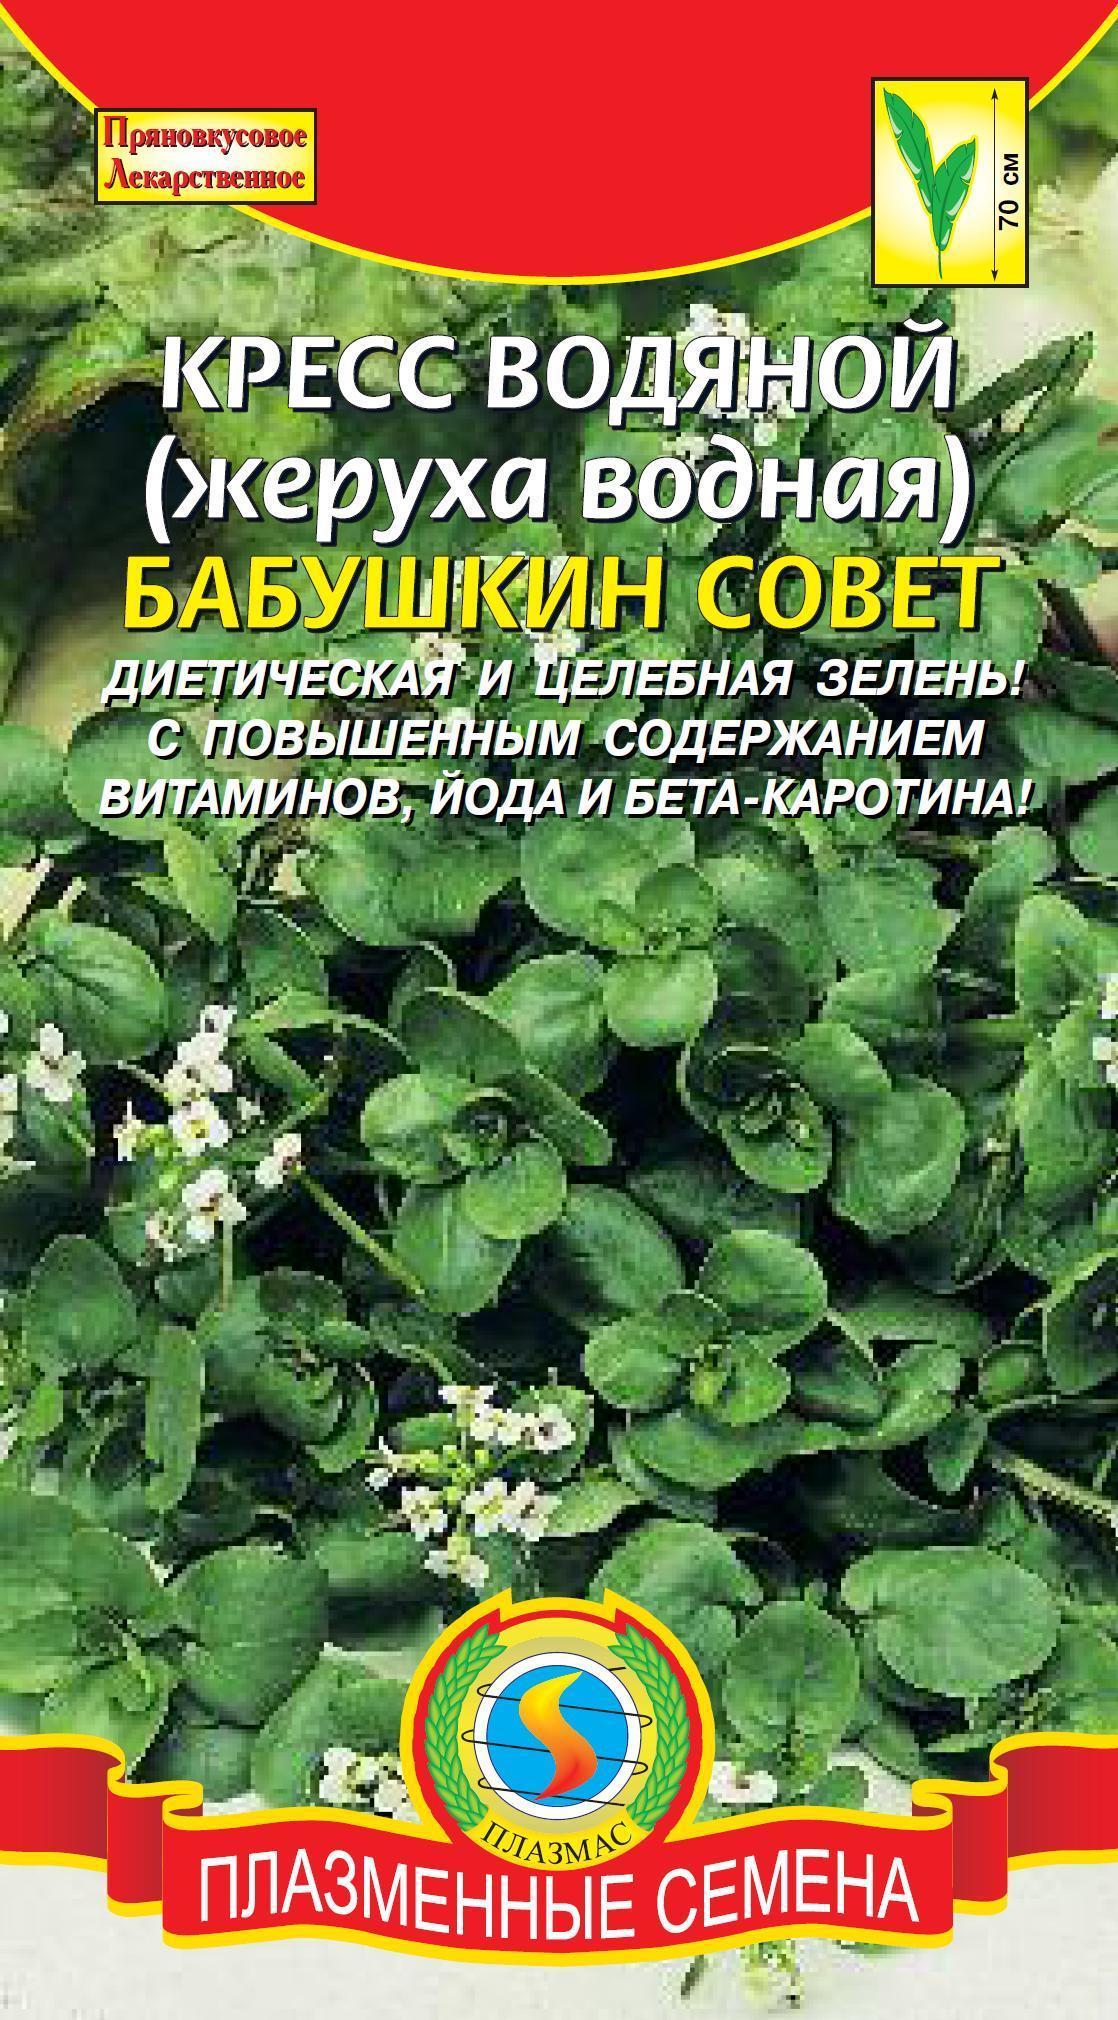 Кресс водяной (жеруха водяная) Бабушкин совет 01388